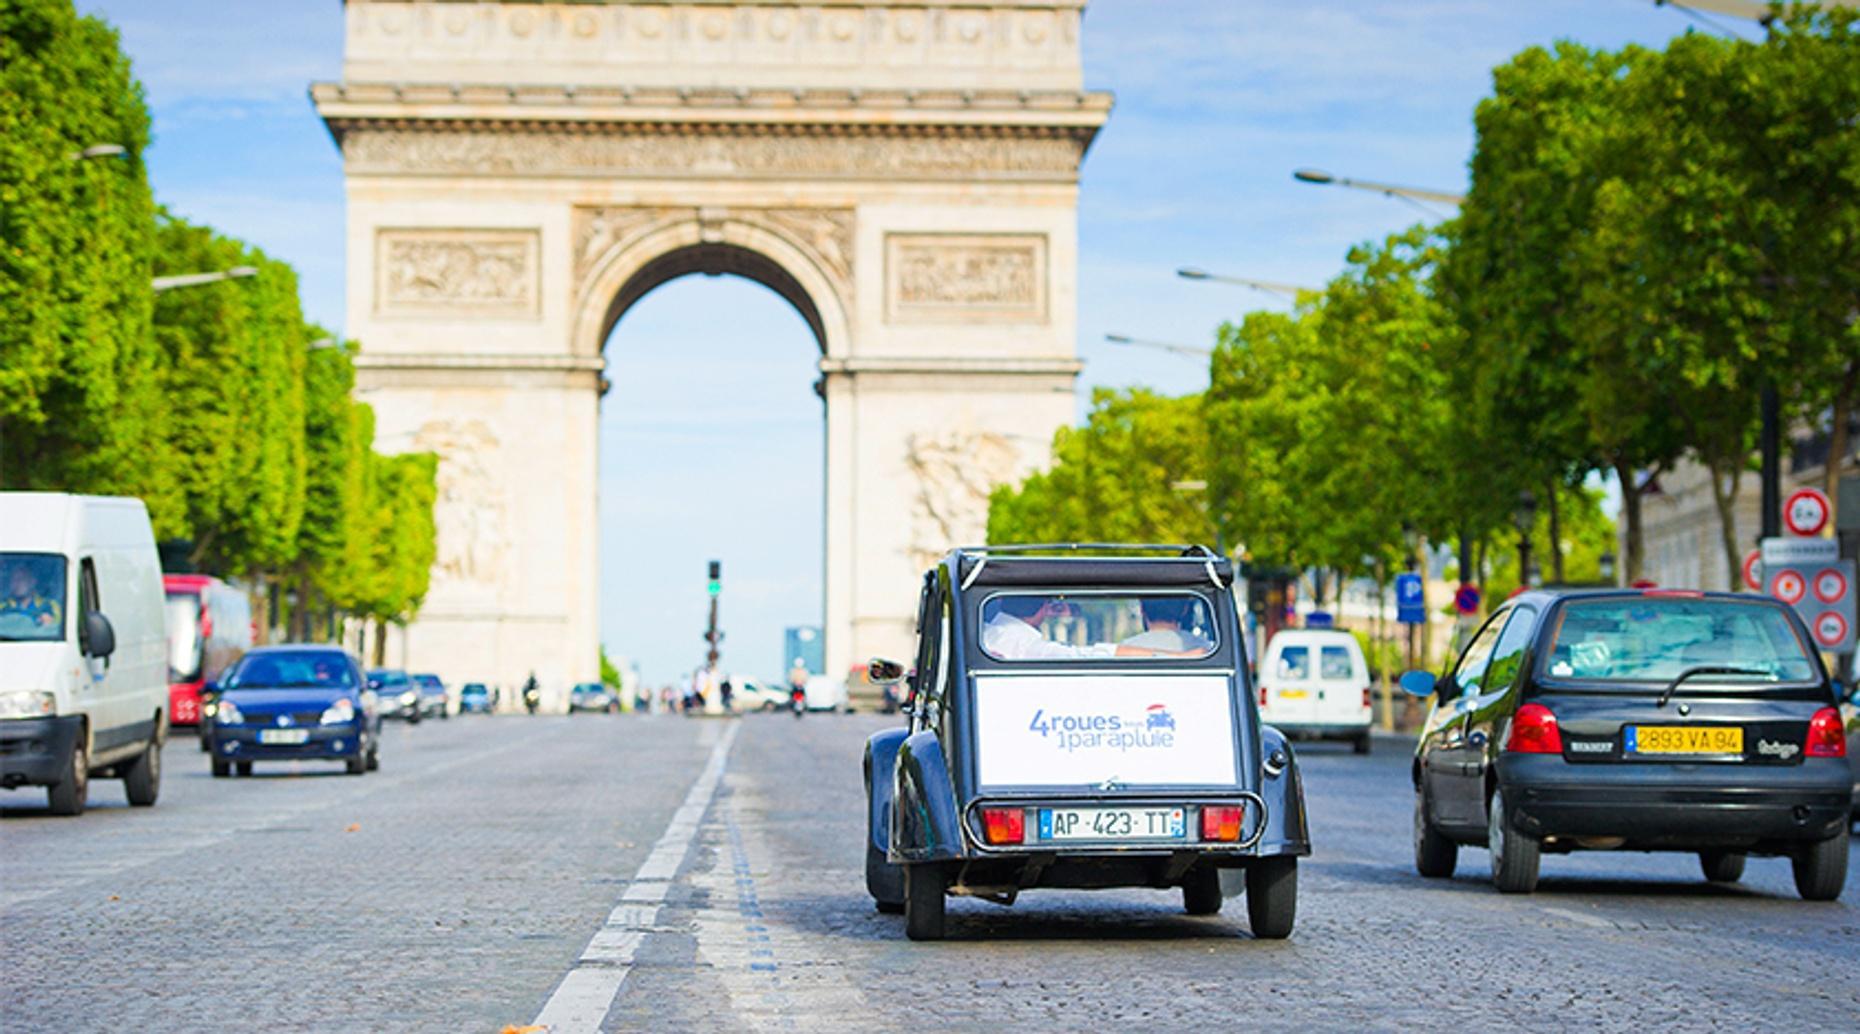 Champs-Elysees Prestige Tour